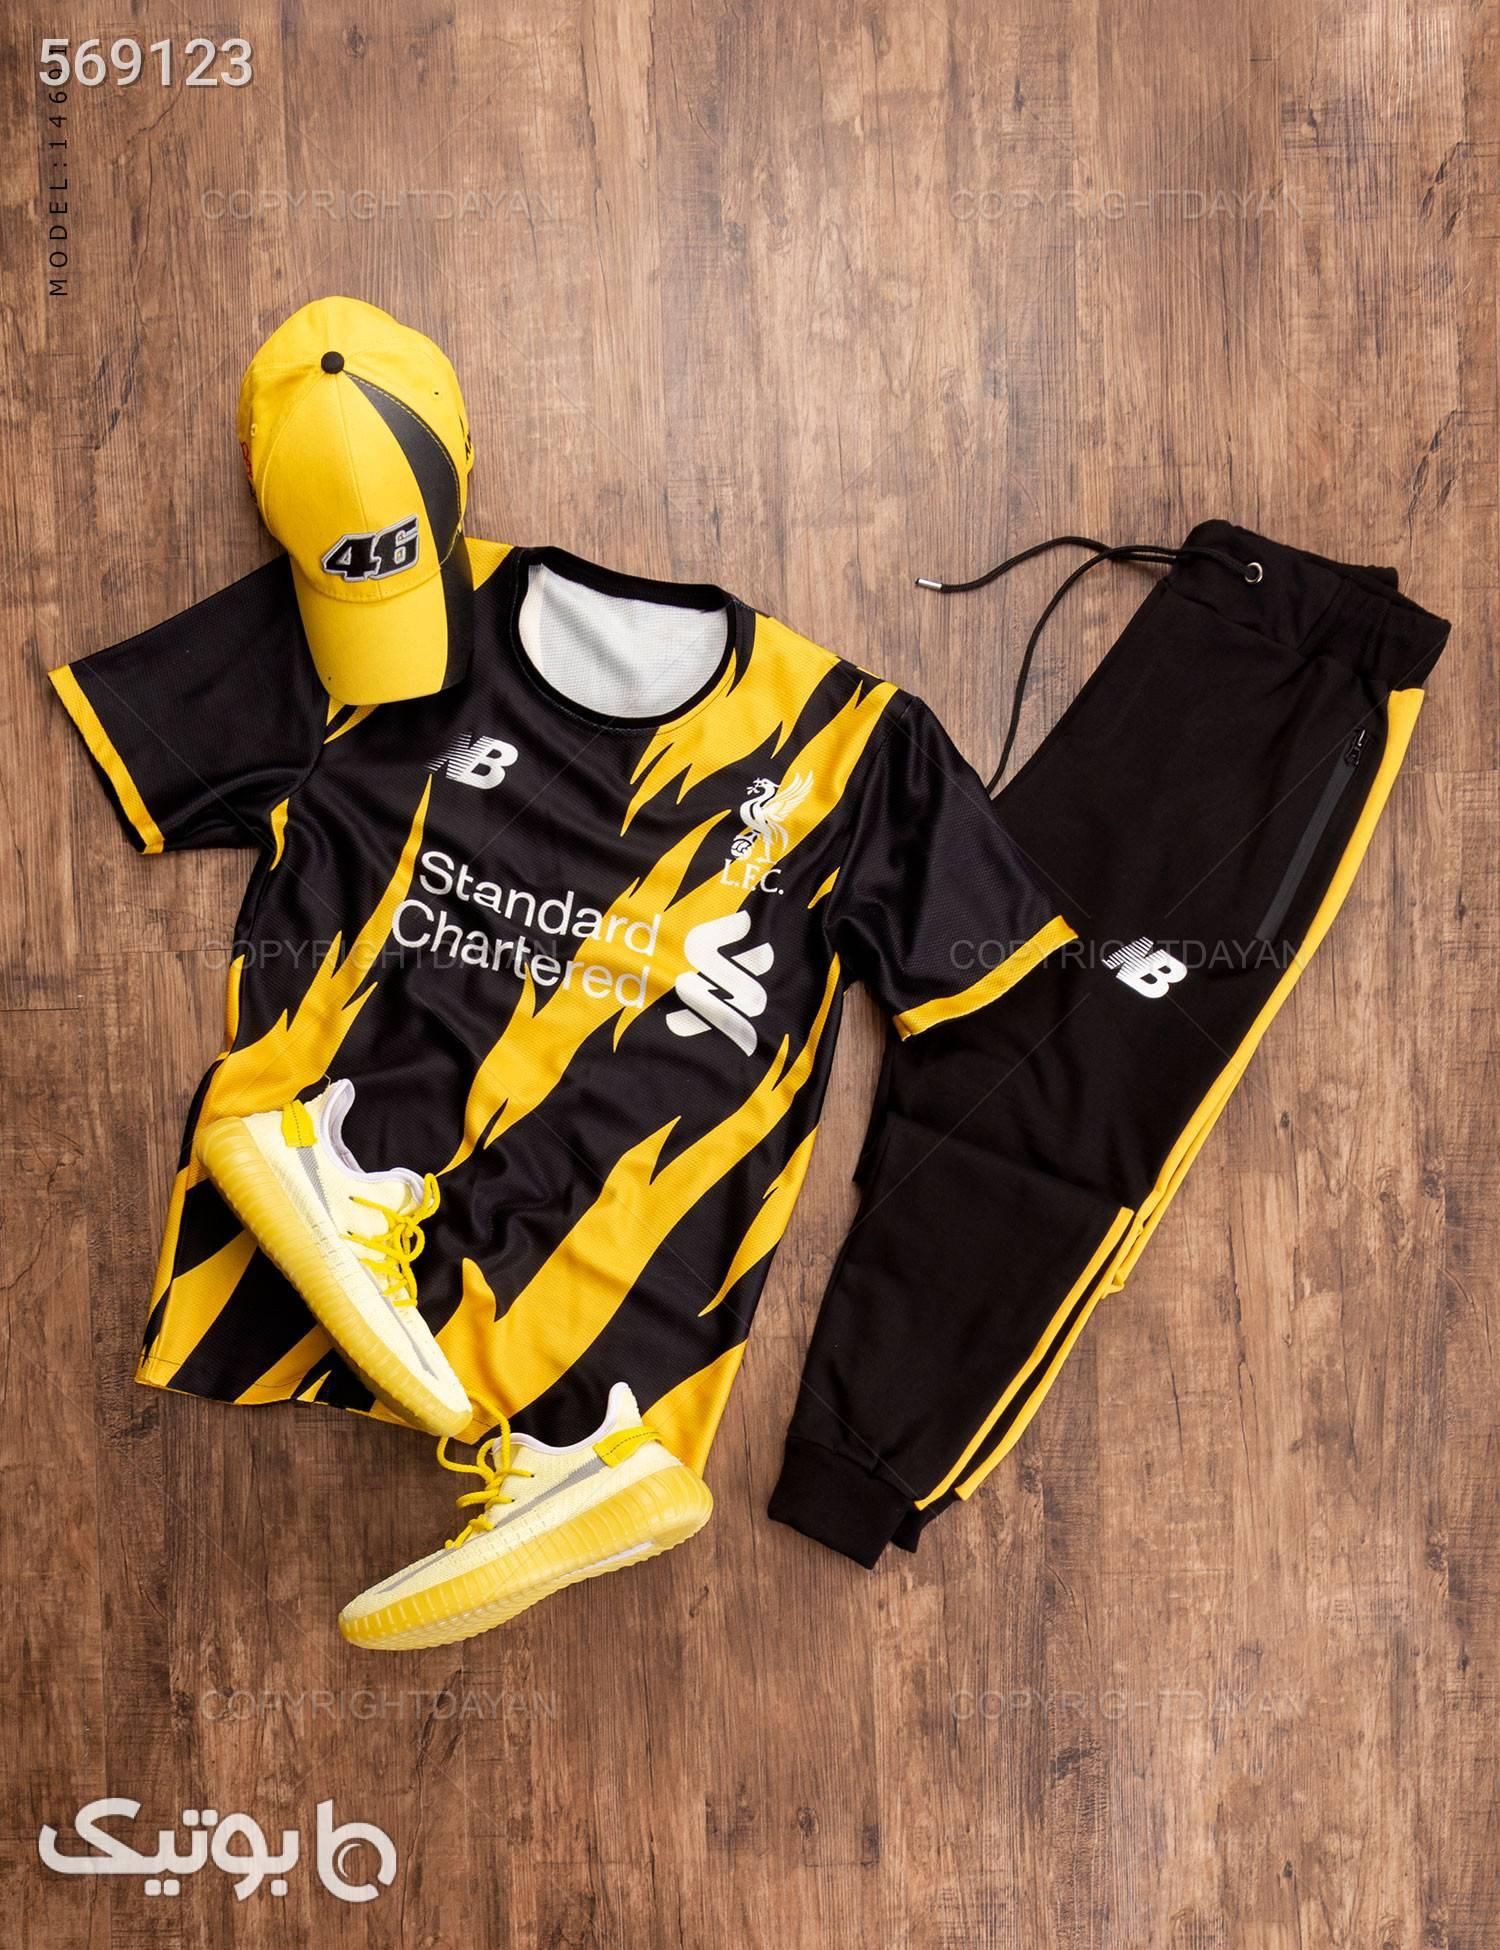 ست تیشرت و شلوار مردانه Liverpool مدل 14691 زرد تی شرت و پولو شرت مردانه